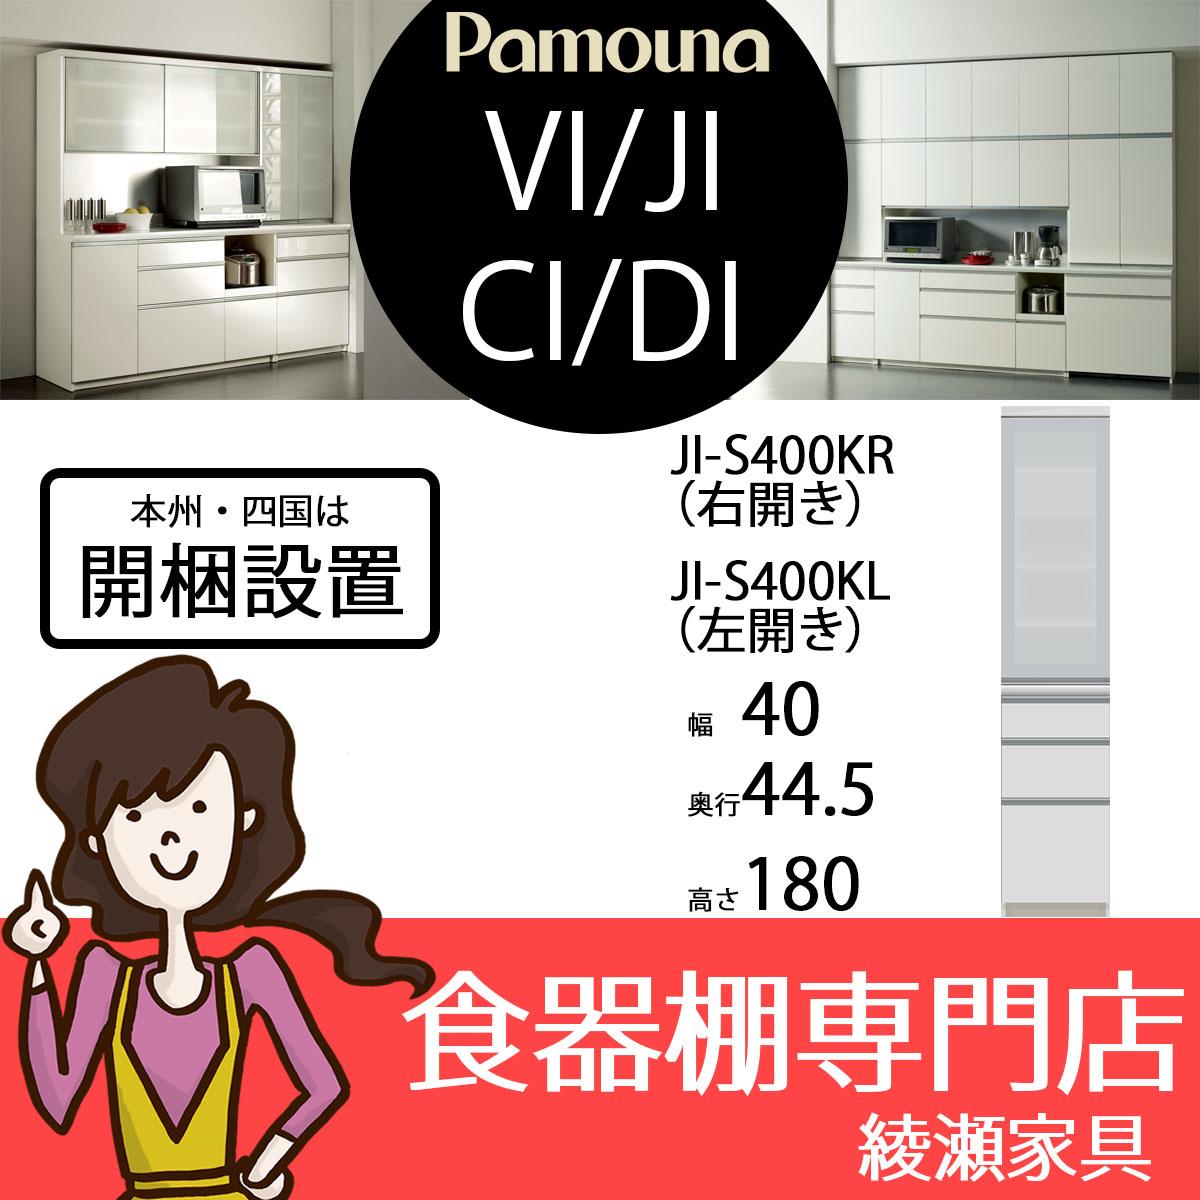 【本州、四国は開梱設置無料】 パモウナ 食器棚 【幅40×奥行45×高さ187cm】 JI-S400KL JI-S400KR VI/JI CI/DI パールホワイト